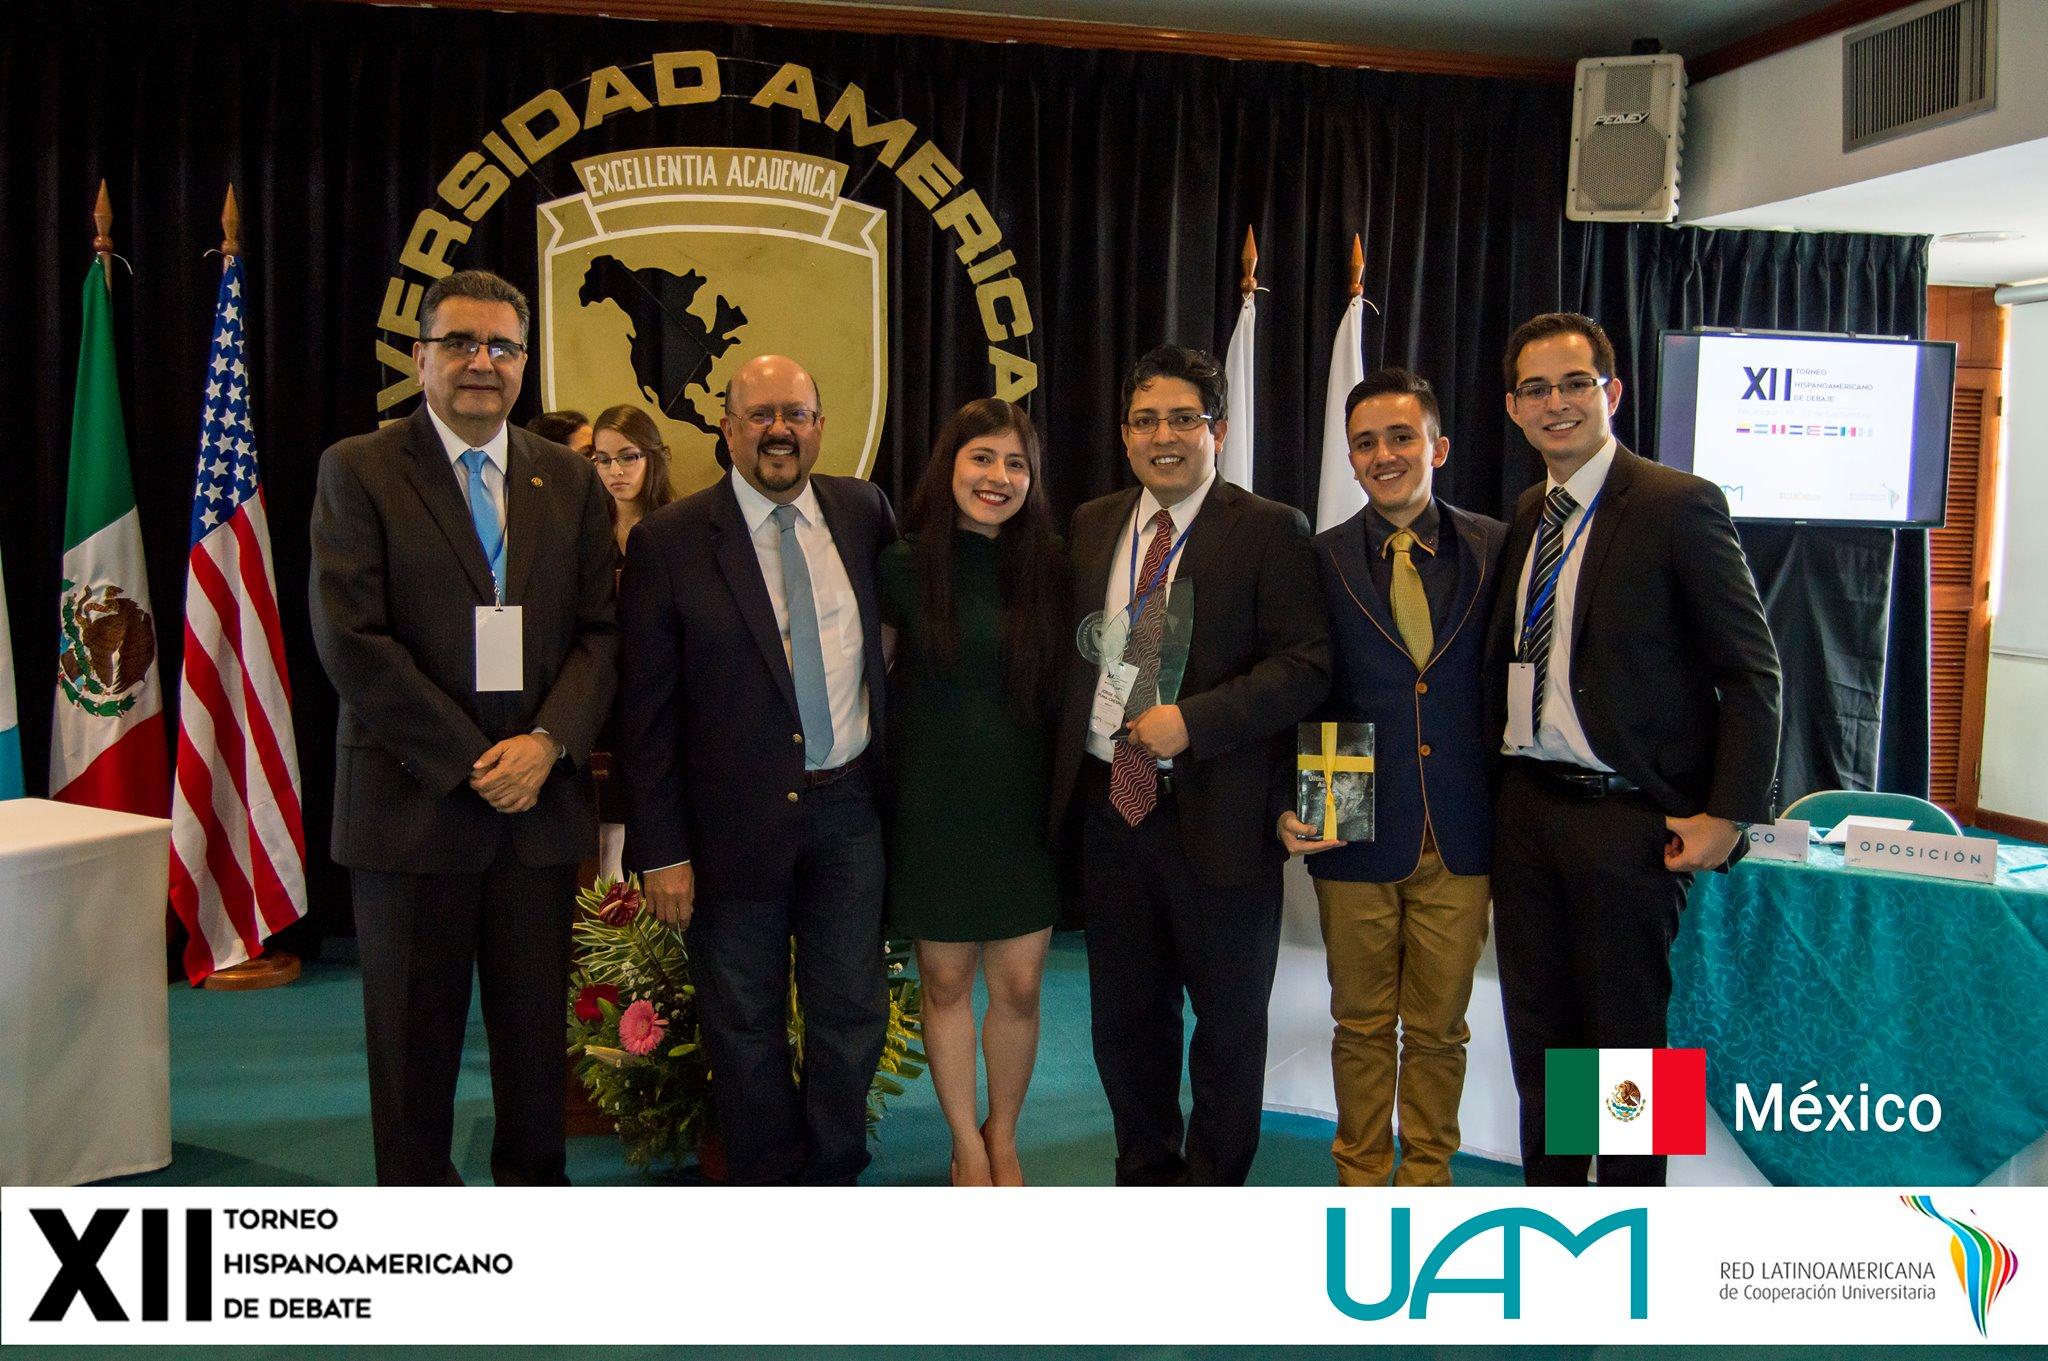 Obtiene CIDE segundo lugar en Torneo Hispanoamericano de Debate